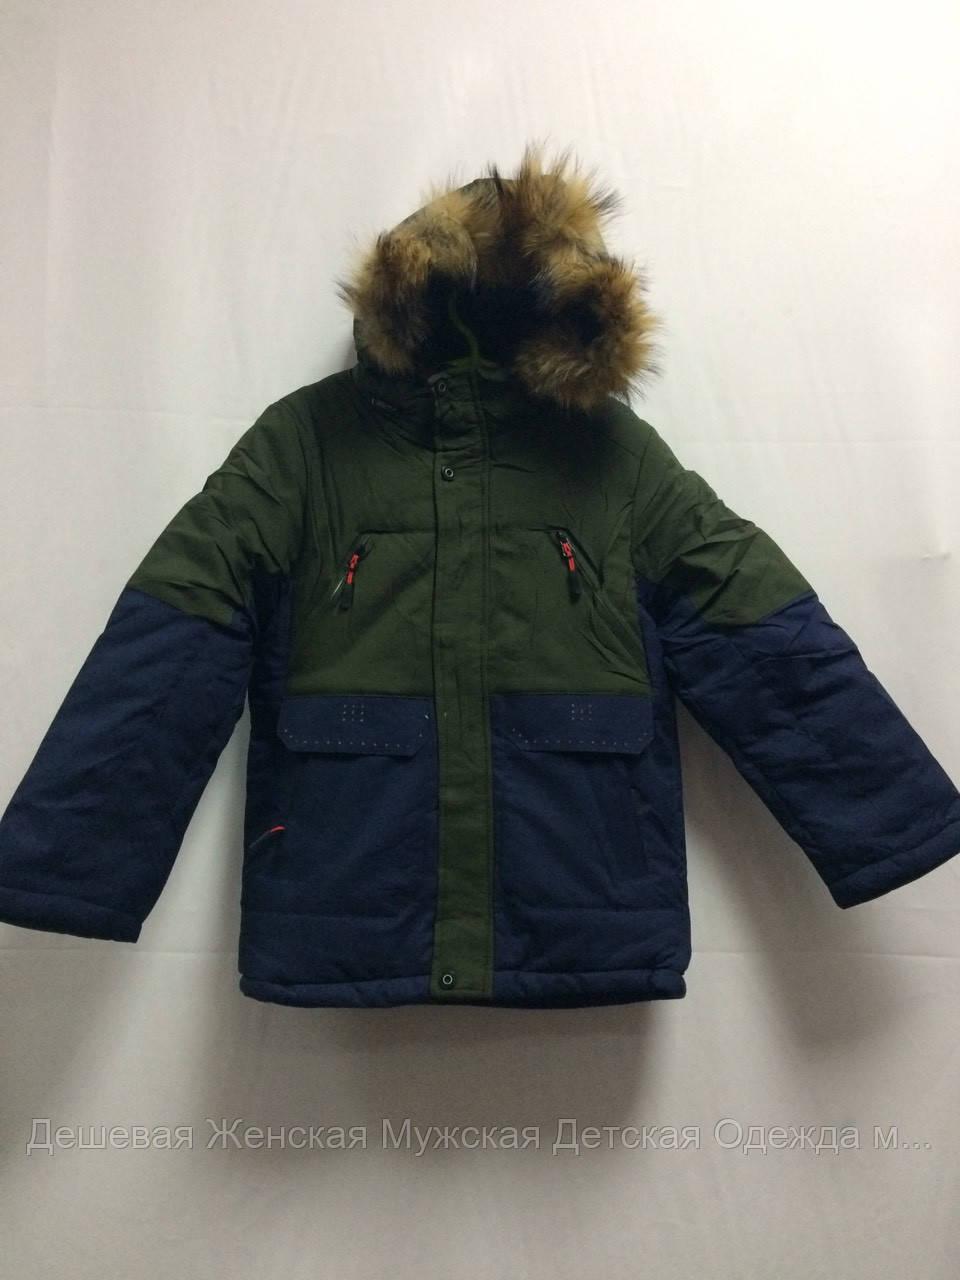 Куртка дитяча, фабрична, зима